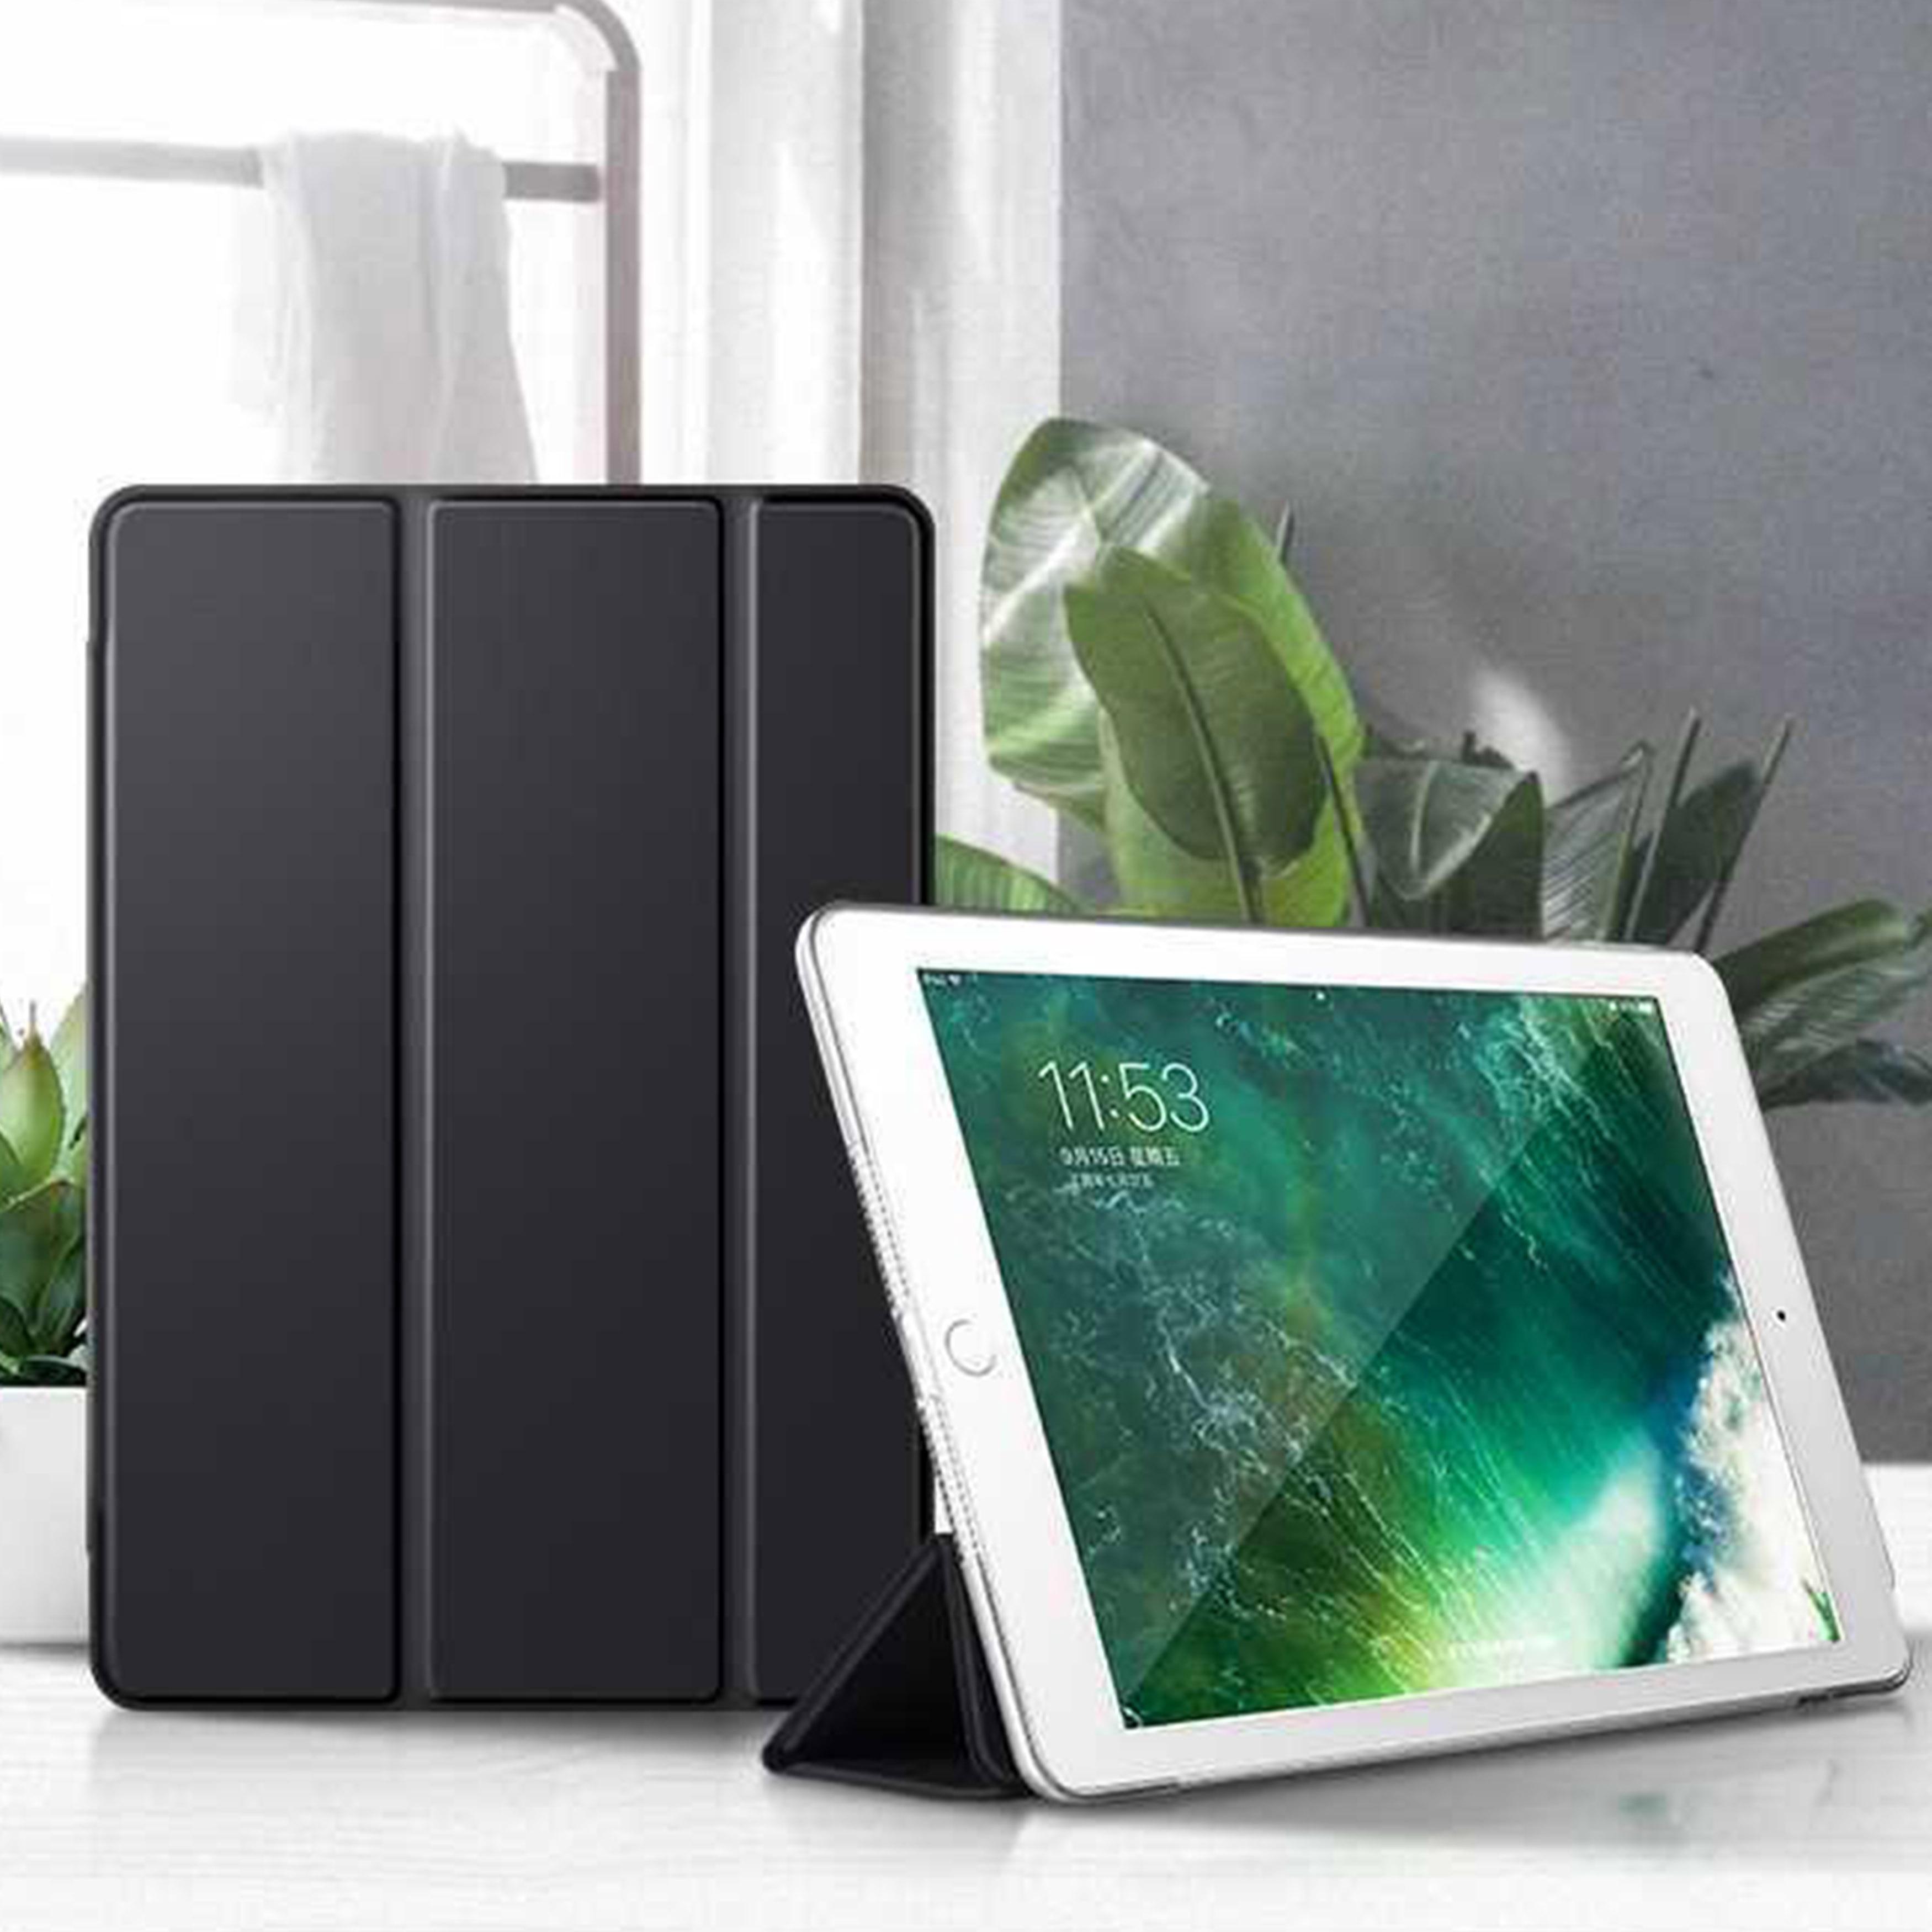 PU Leather Case For Ipad 10.2 2019 Folio Cover For Apple Ipad 7 7th 10.2